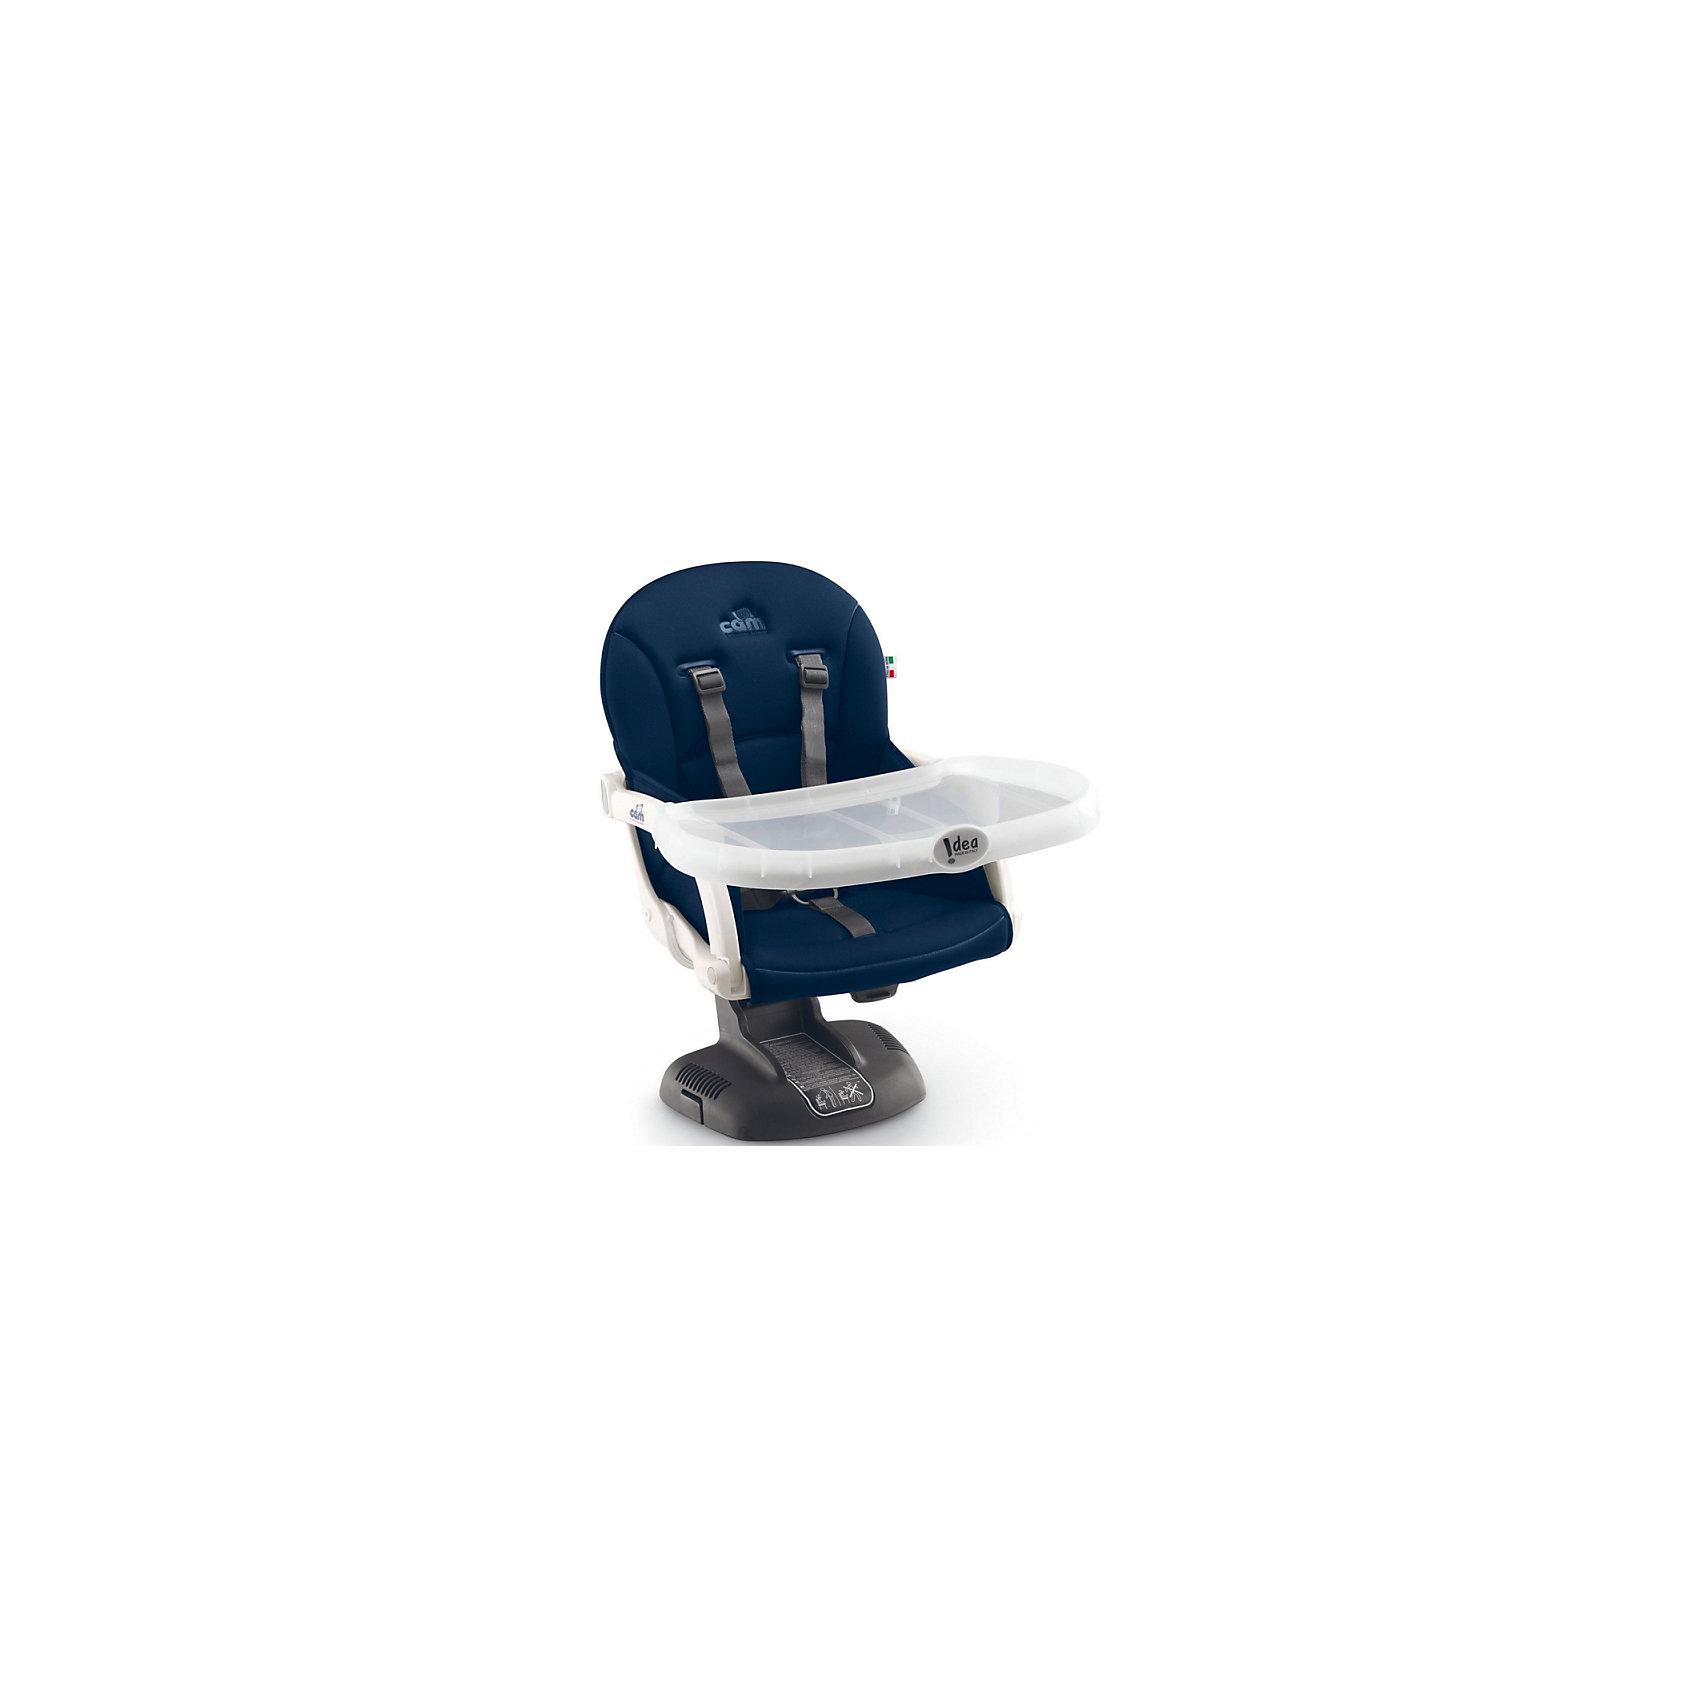 Стульчик для кормления Idea, CAM, синийСтульчик для кормления Idea, CAM, синий – компактная модель для дома и дачи.<br>Тип стульчика – бустер. Он крепится к обычной мебели и может быть отрегулирован с помощью 7 уровней высоты сидения. Мягкое сидение и подлокотники делают сиденье комфортным для ребенка, а ремни безопасности защищают малыша от падения и не дают ему выбраться самостоятельно. <br><br> Дополнительная информация:<br><br>- цвет: синий<br>- размер: 52х36х40 см<br>- вес: 2,8<br><br><br>Стульчик для кормления Idea, CAM, синий можно купить в нашем интернет магазине.<br><br>Ширина мм: 995<br>Глубина мм: 369<br>Высота мм: 499<br>Вес г: 3750<br>Возраст от месяцев: 6<br>Возраст до месяцев: 36<br>Пол: Унисекс<br>Возраст: Детский<br>SKU: 5013514